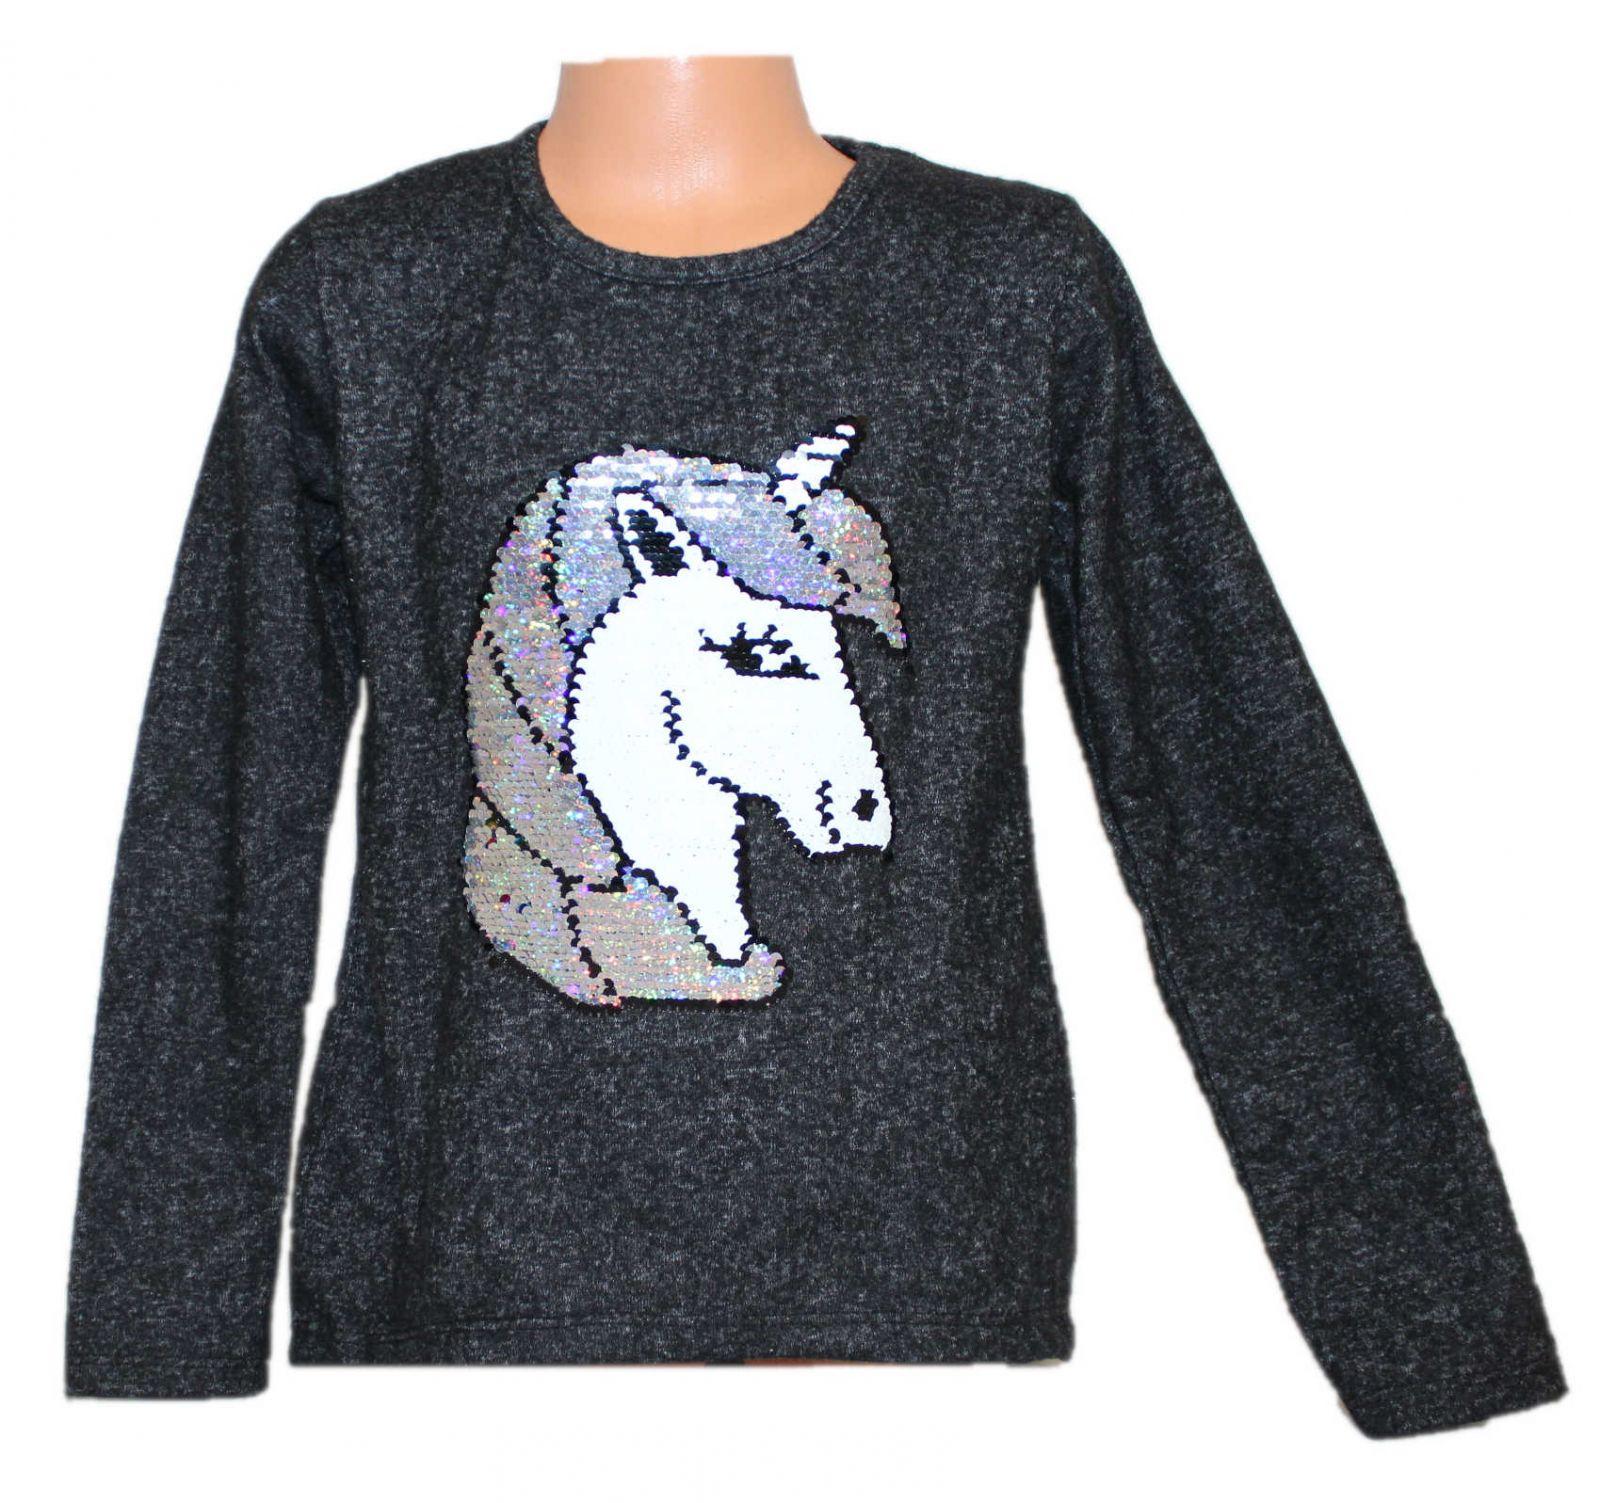 měnící svetr Unicorn s koněm přeměňovací svetr Tomurcuk